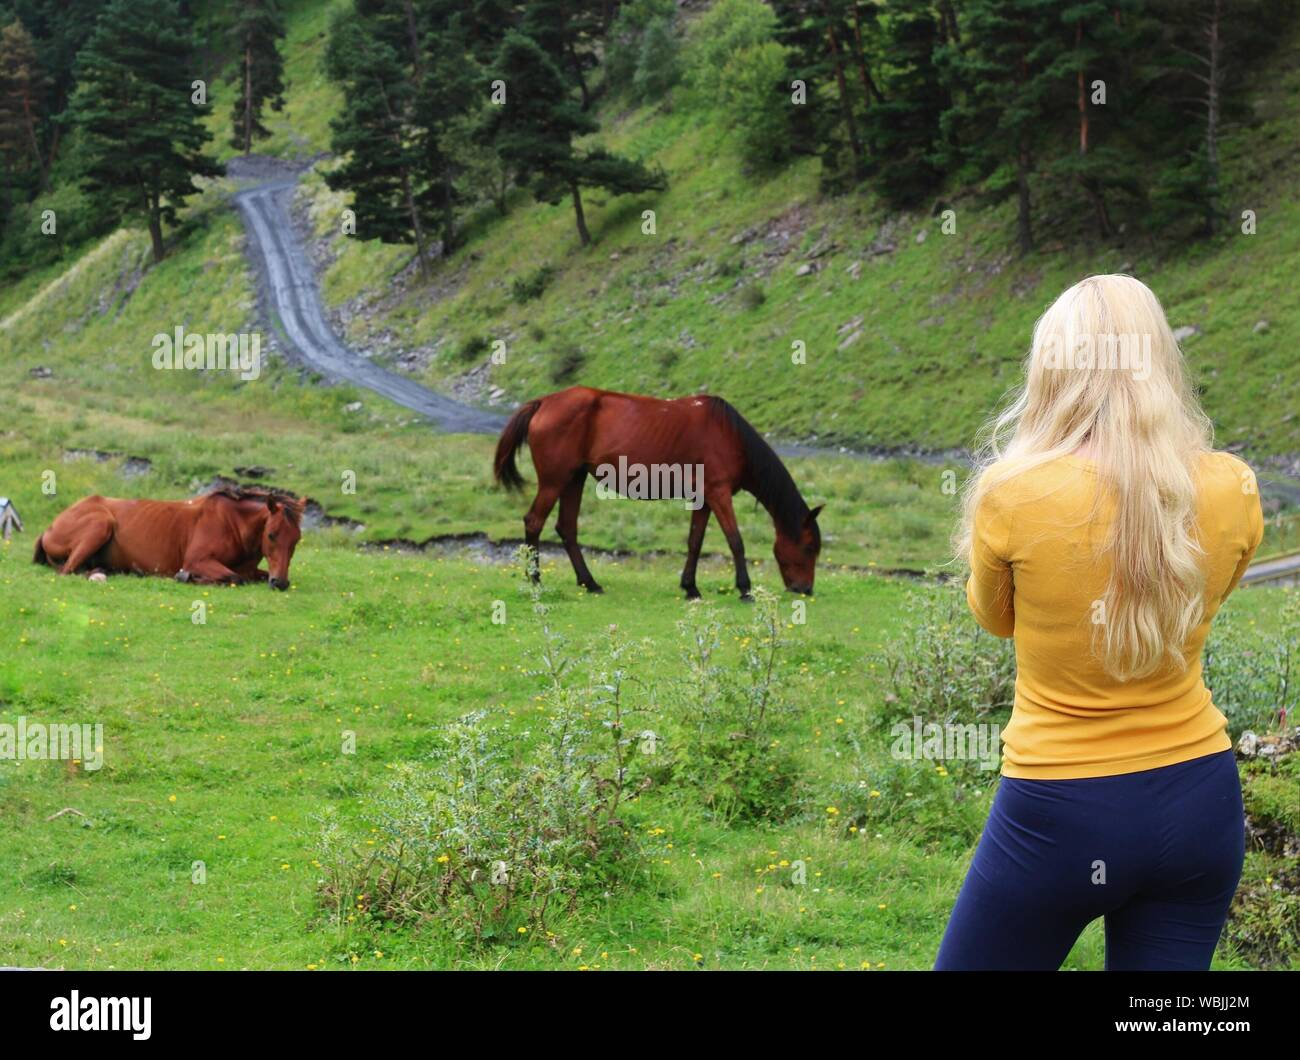 Vista trasera de la Mujer de pie en el campo contra Caballos Foto de stock